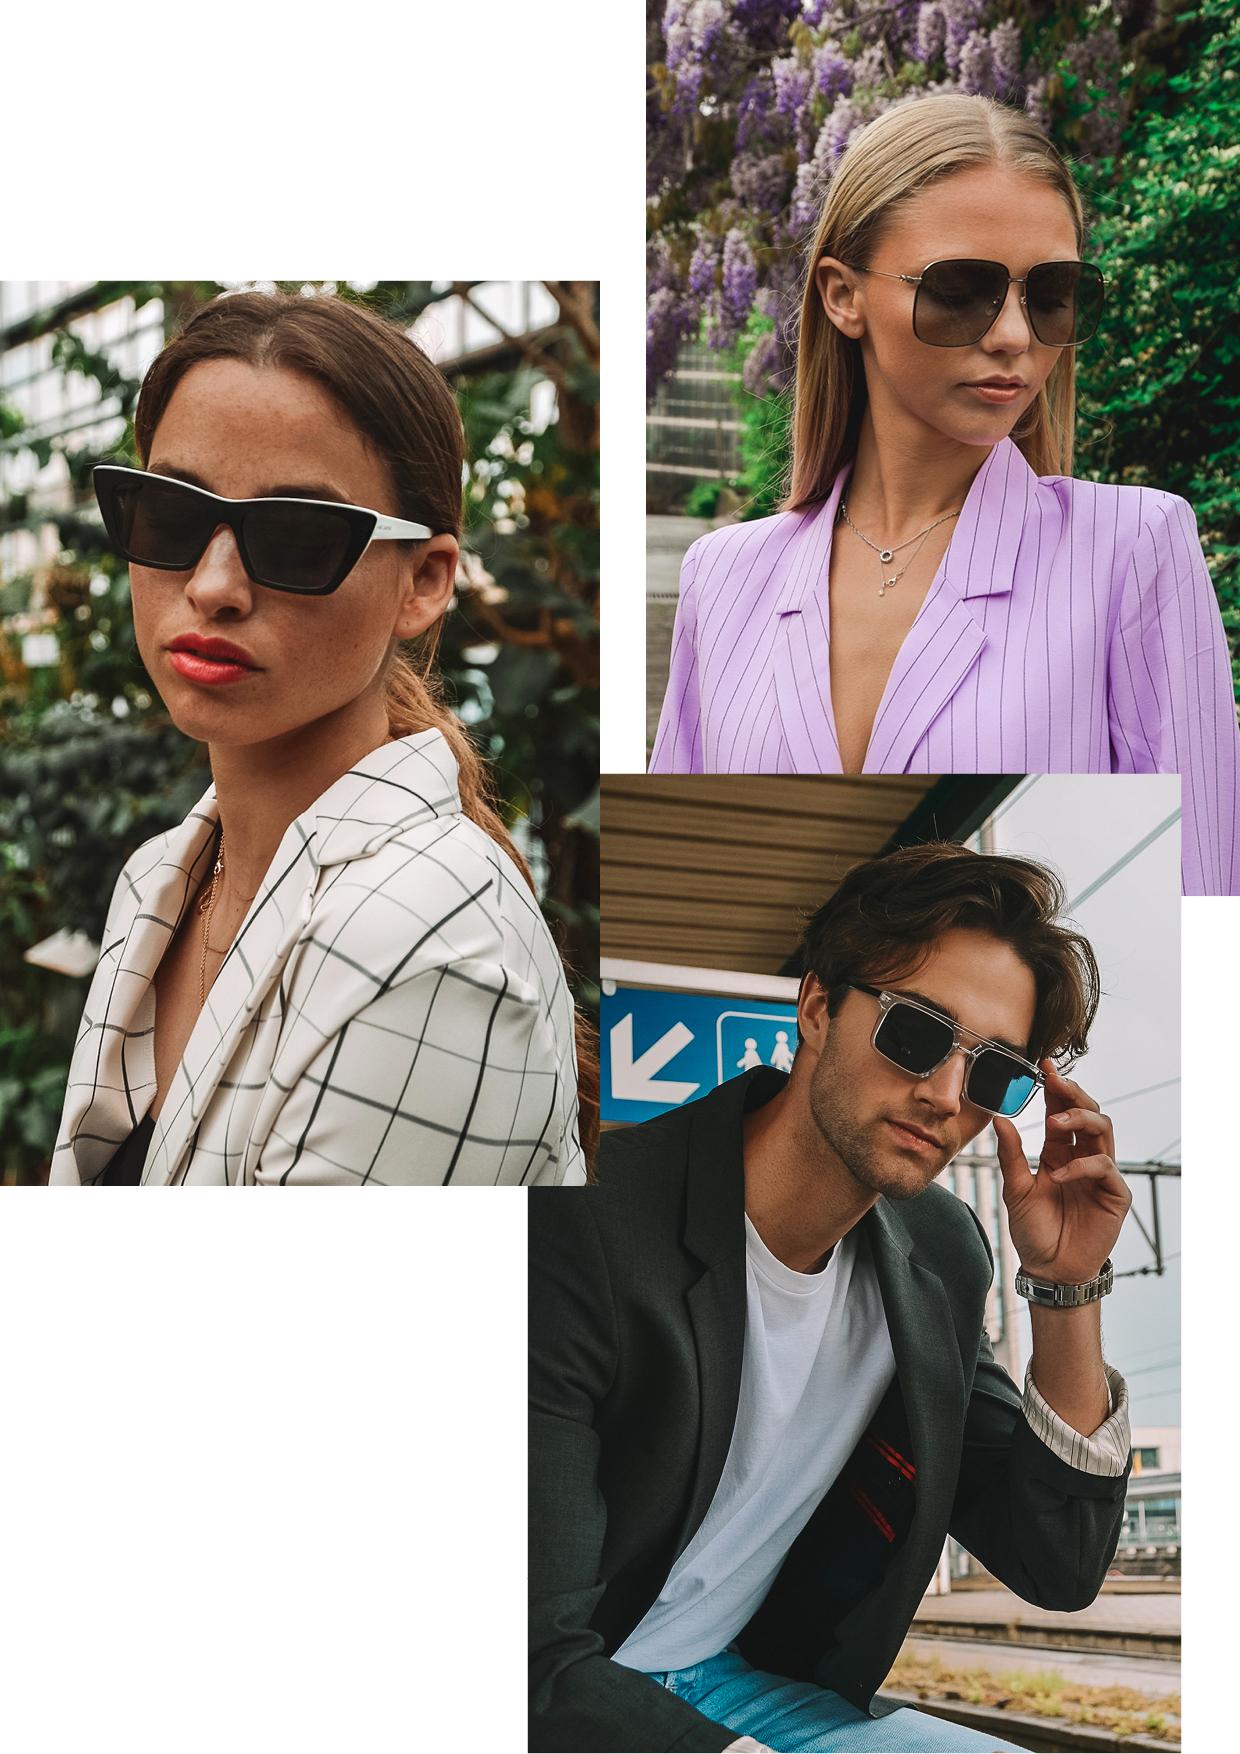 Onze 5 favoriete zonnebrillentrends voor zomer 2019 - Optiek Lammerant